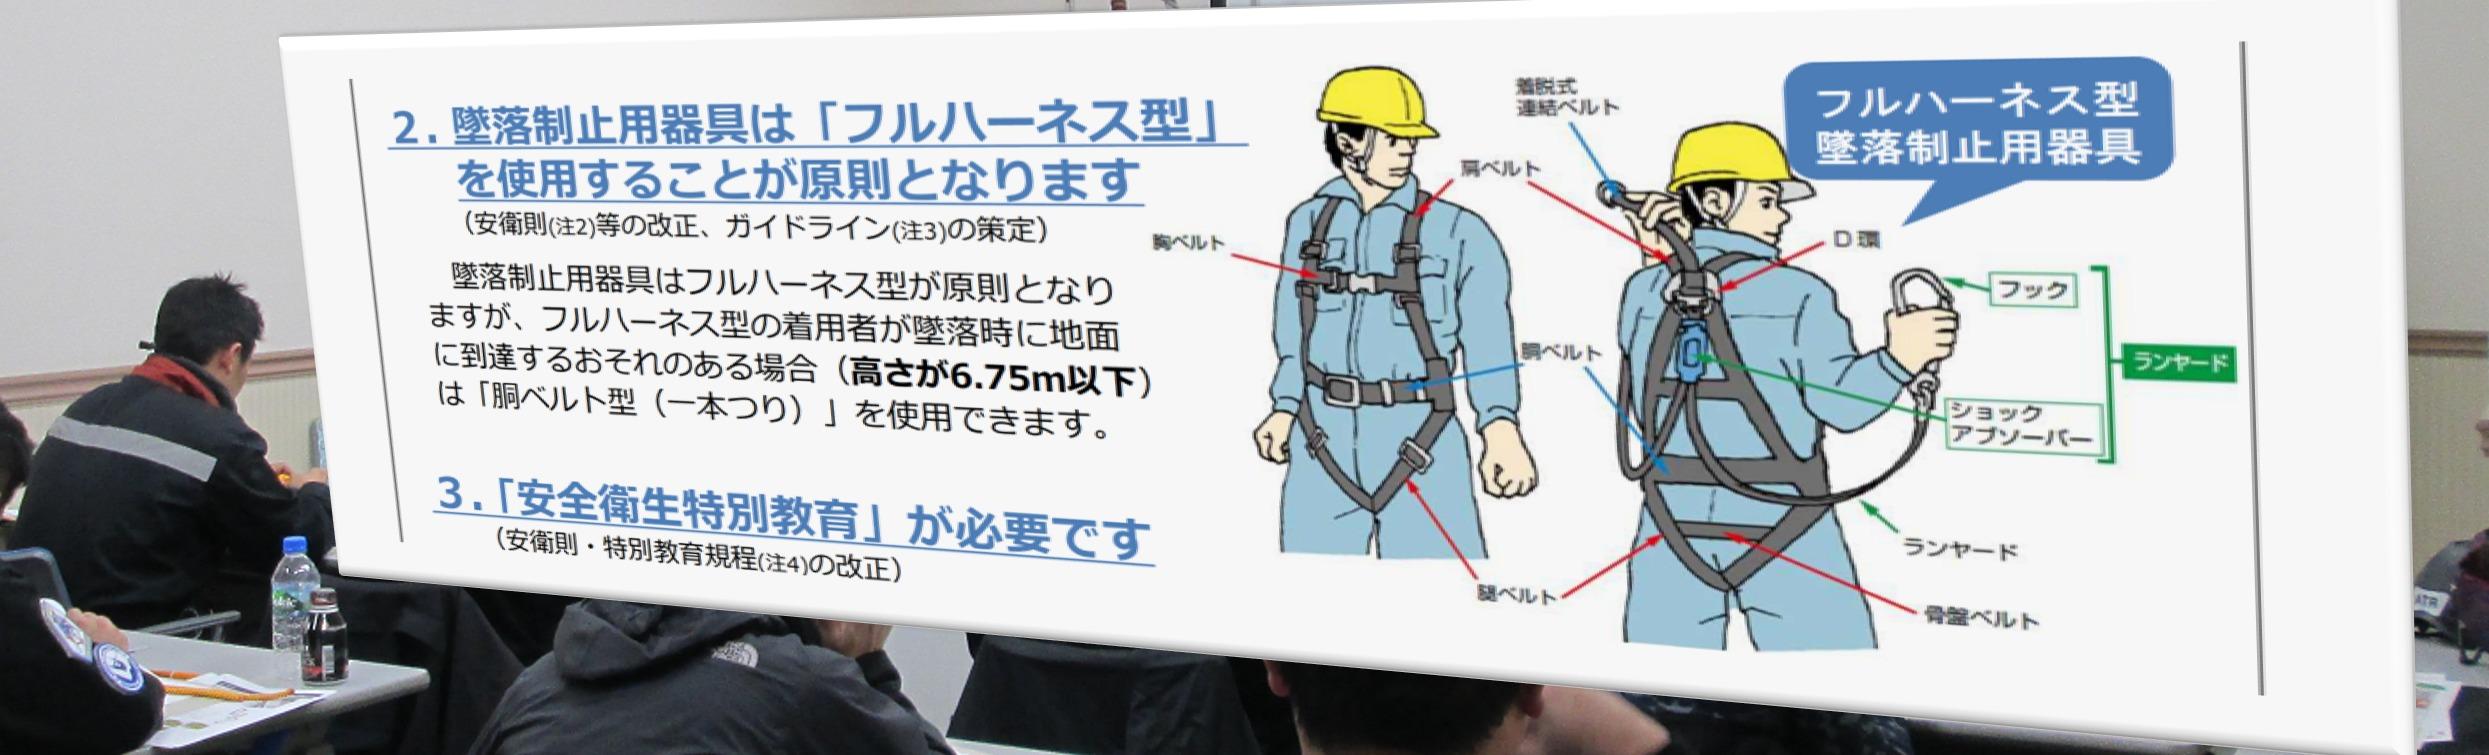 フルハーネス型墜落制止用器具に関する特別教育講習